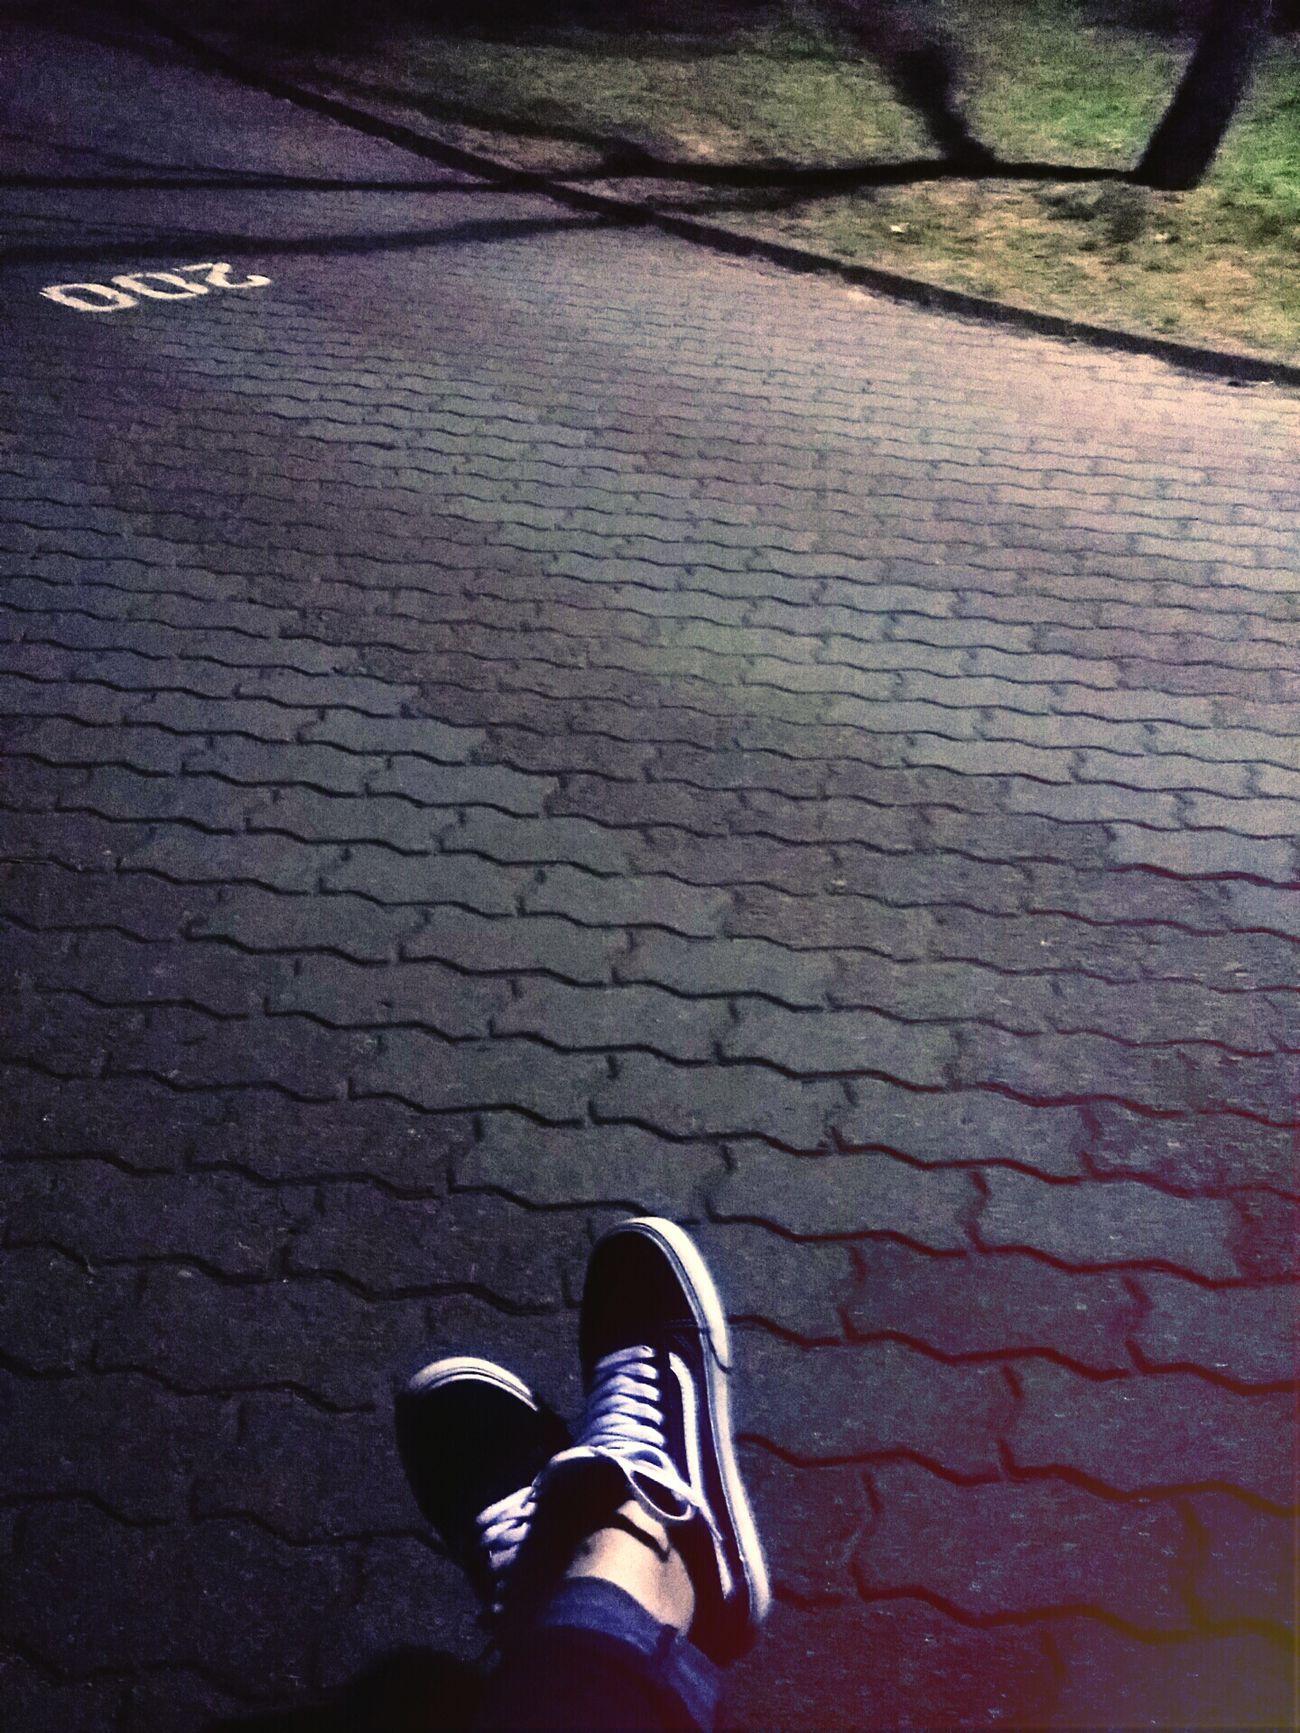 Shoes Slipon Vans Old School Style